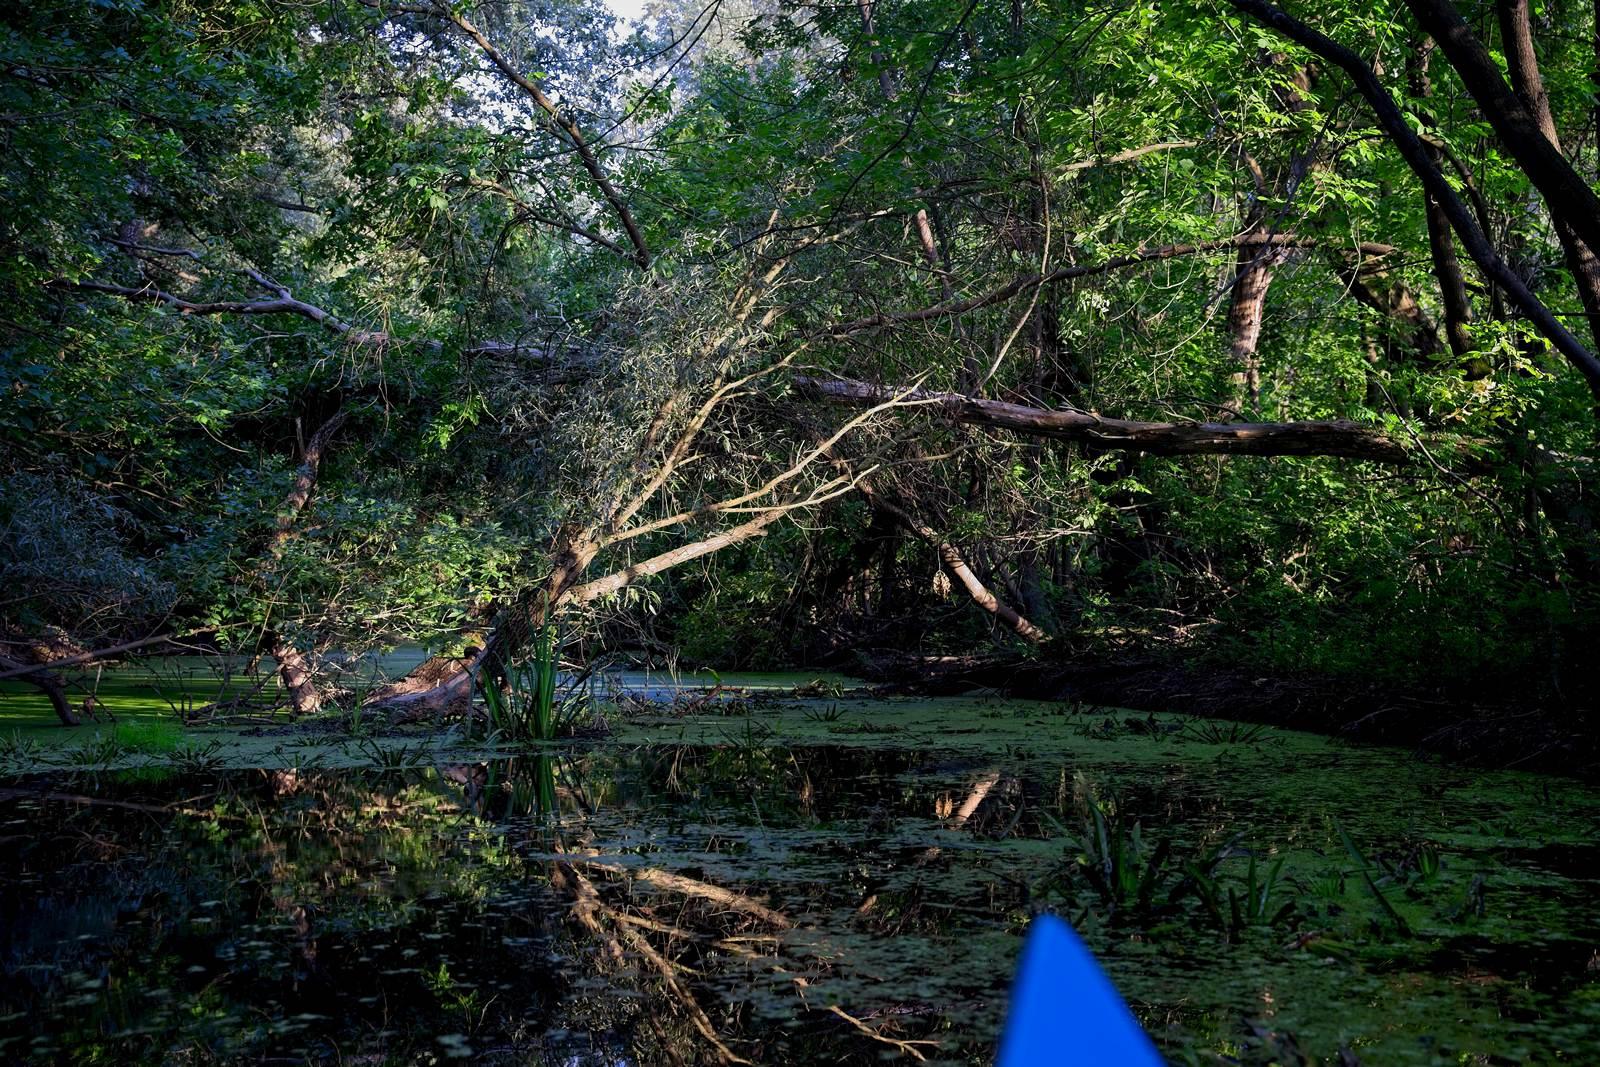 bodrogzug splyw kajakowy trasa splywu gdzie wypozyczyc kajak